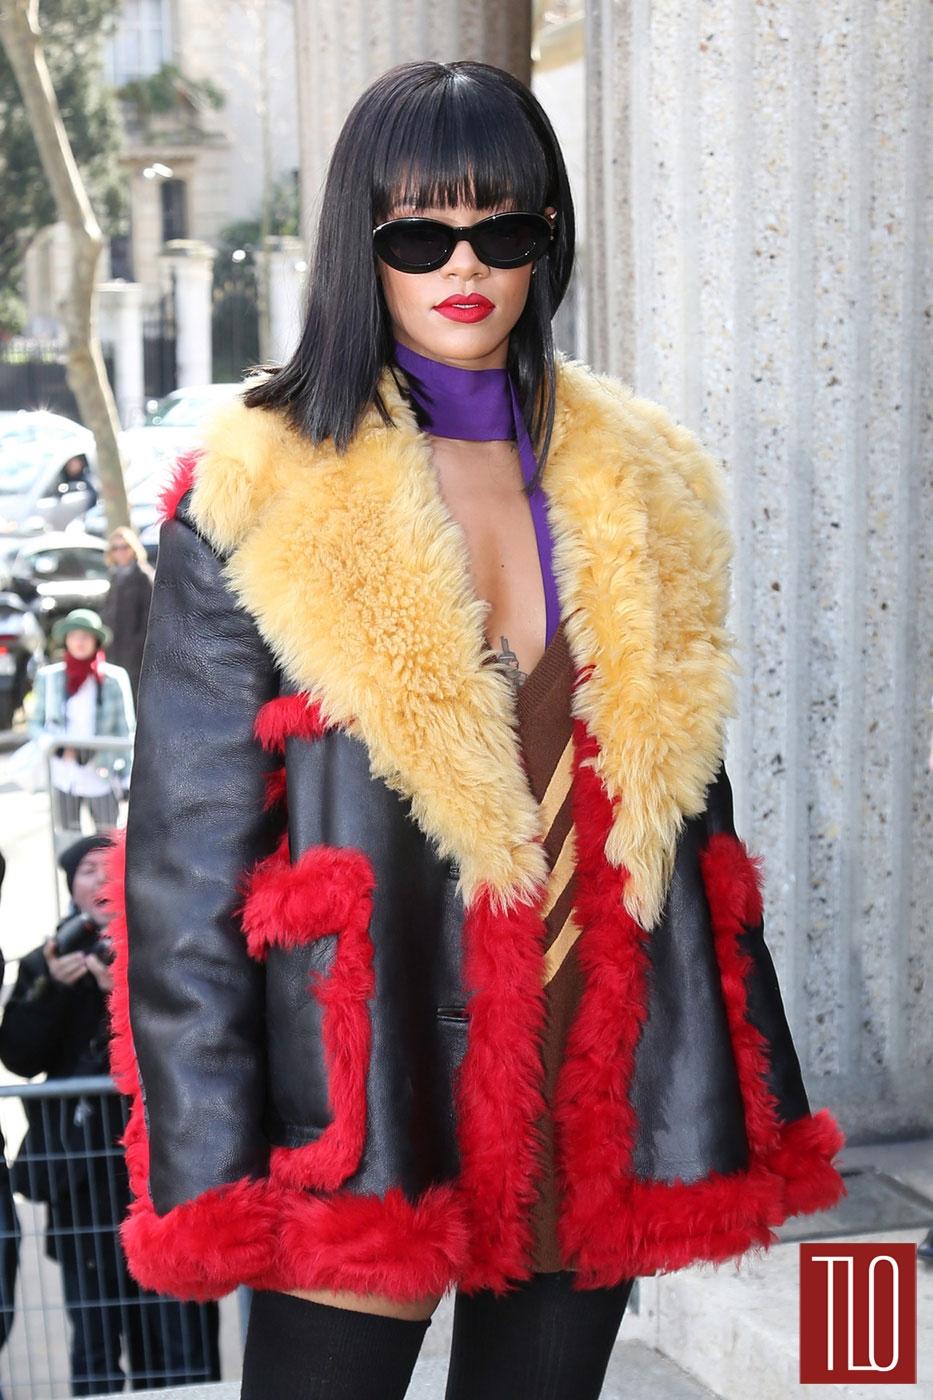 Rihanna-Miu-Miu-Fashion-Show-Prada-Tom-Lorenzo-Site-TLO (1)